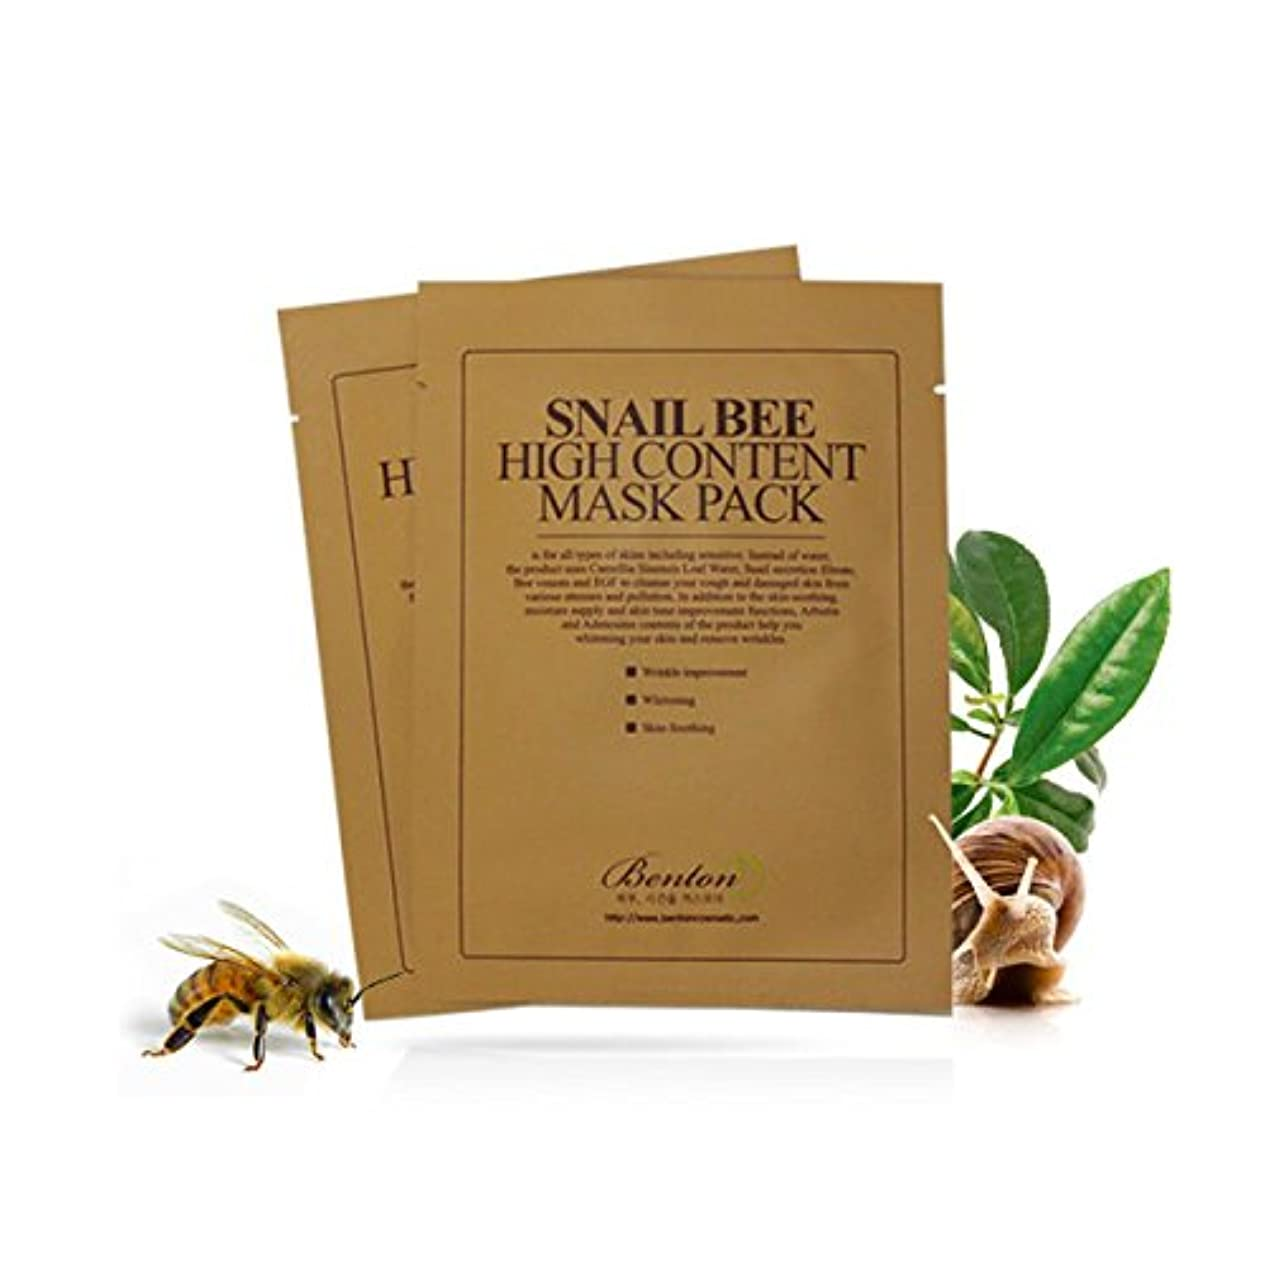 ユダヤ人被る優れた[ベントン] BENTON カタツムリ蜂の高いコンテンツ?マスクパック Snail Bee High Content Mask Pack Sheet 10 Pcs [並行輸入品]